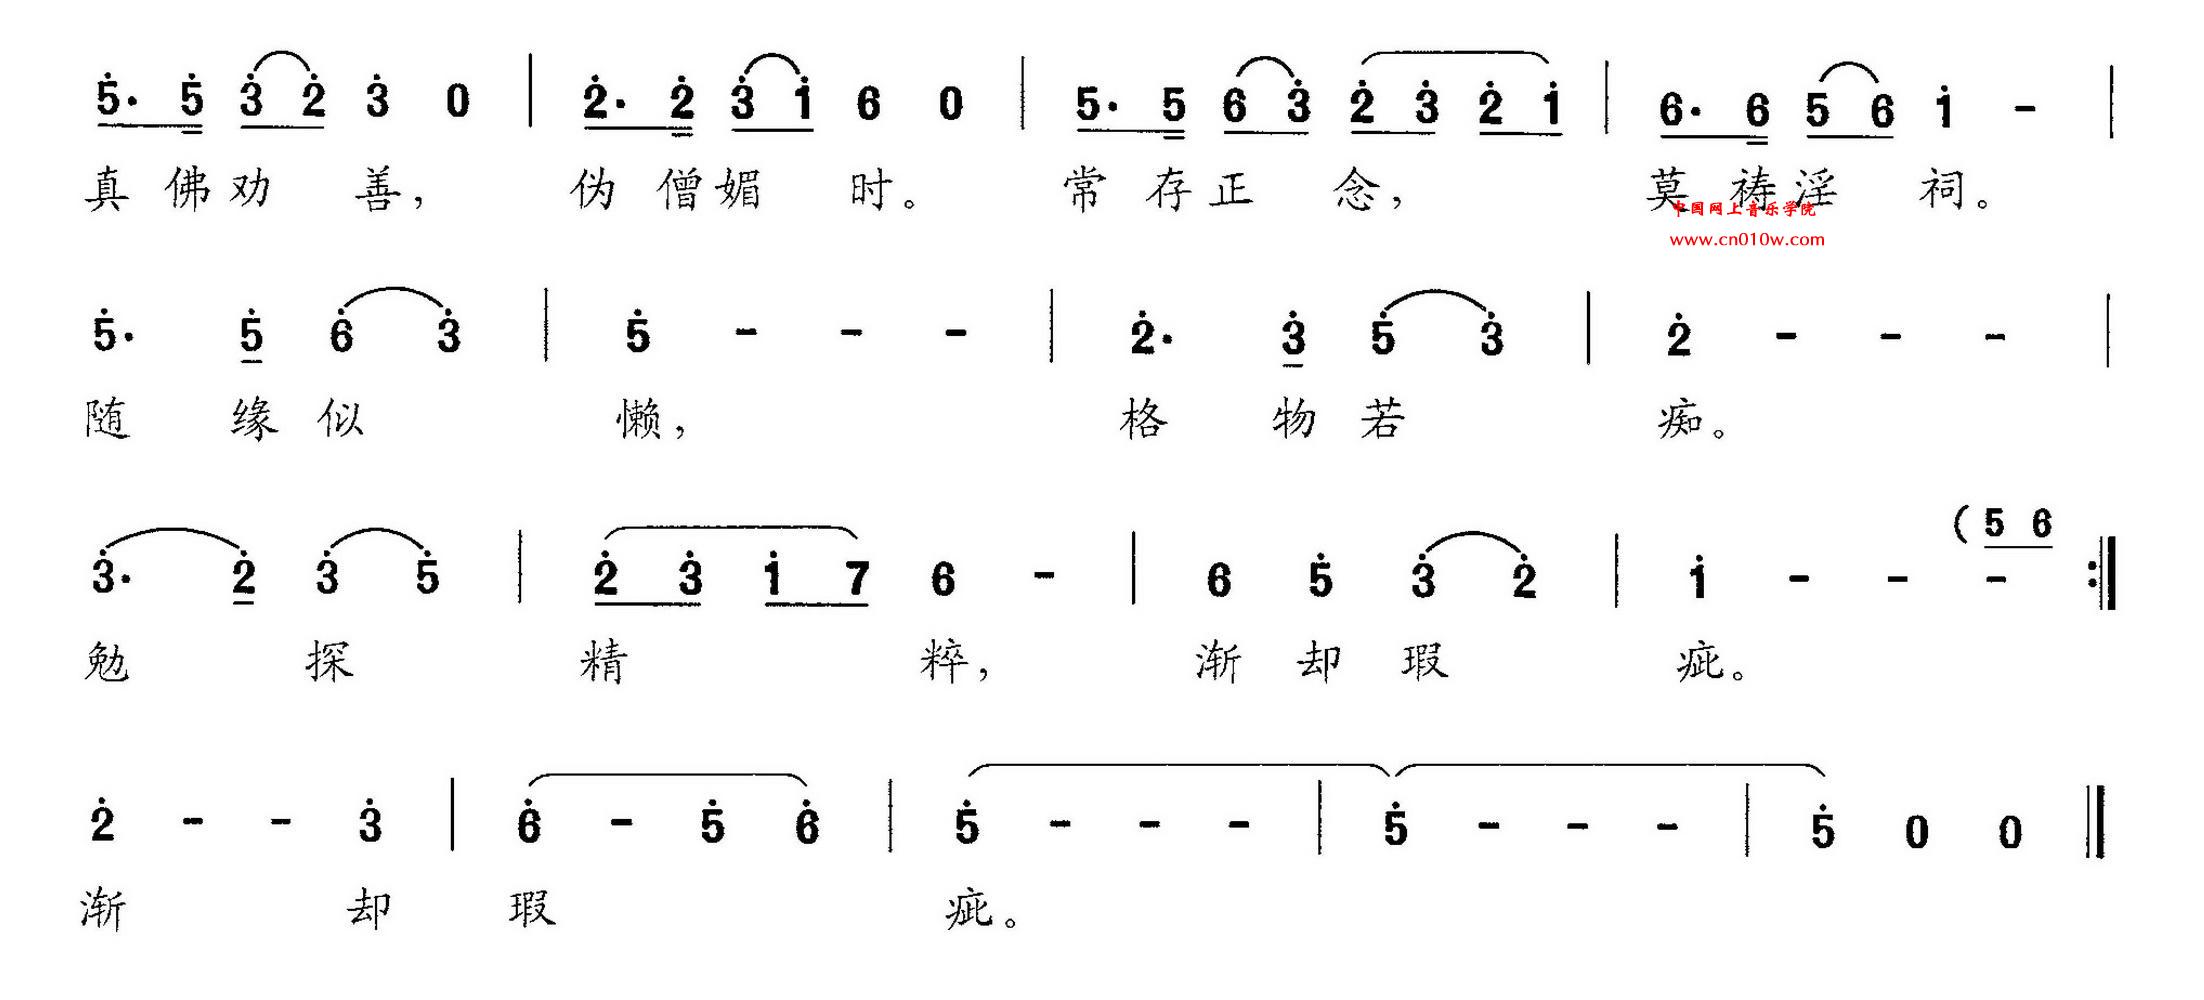 民歌曲谱 百家争鸣02